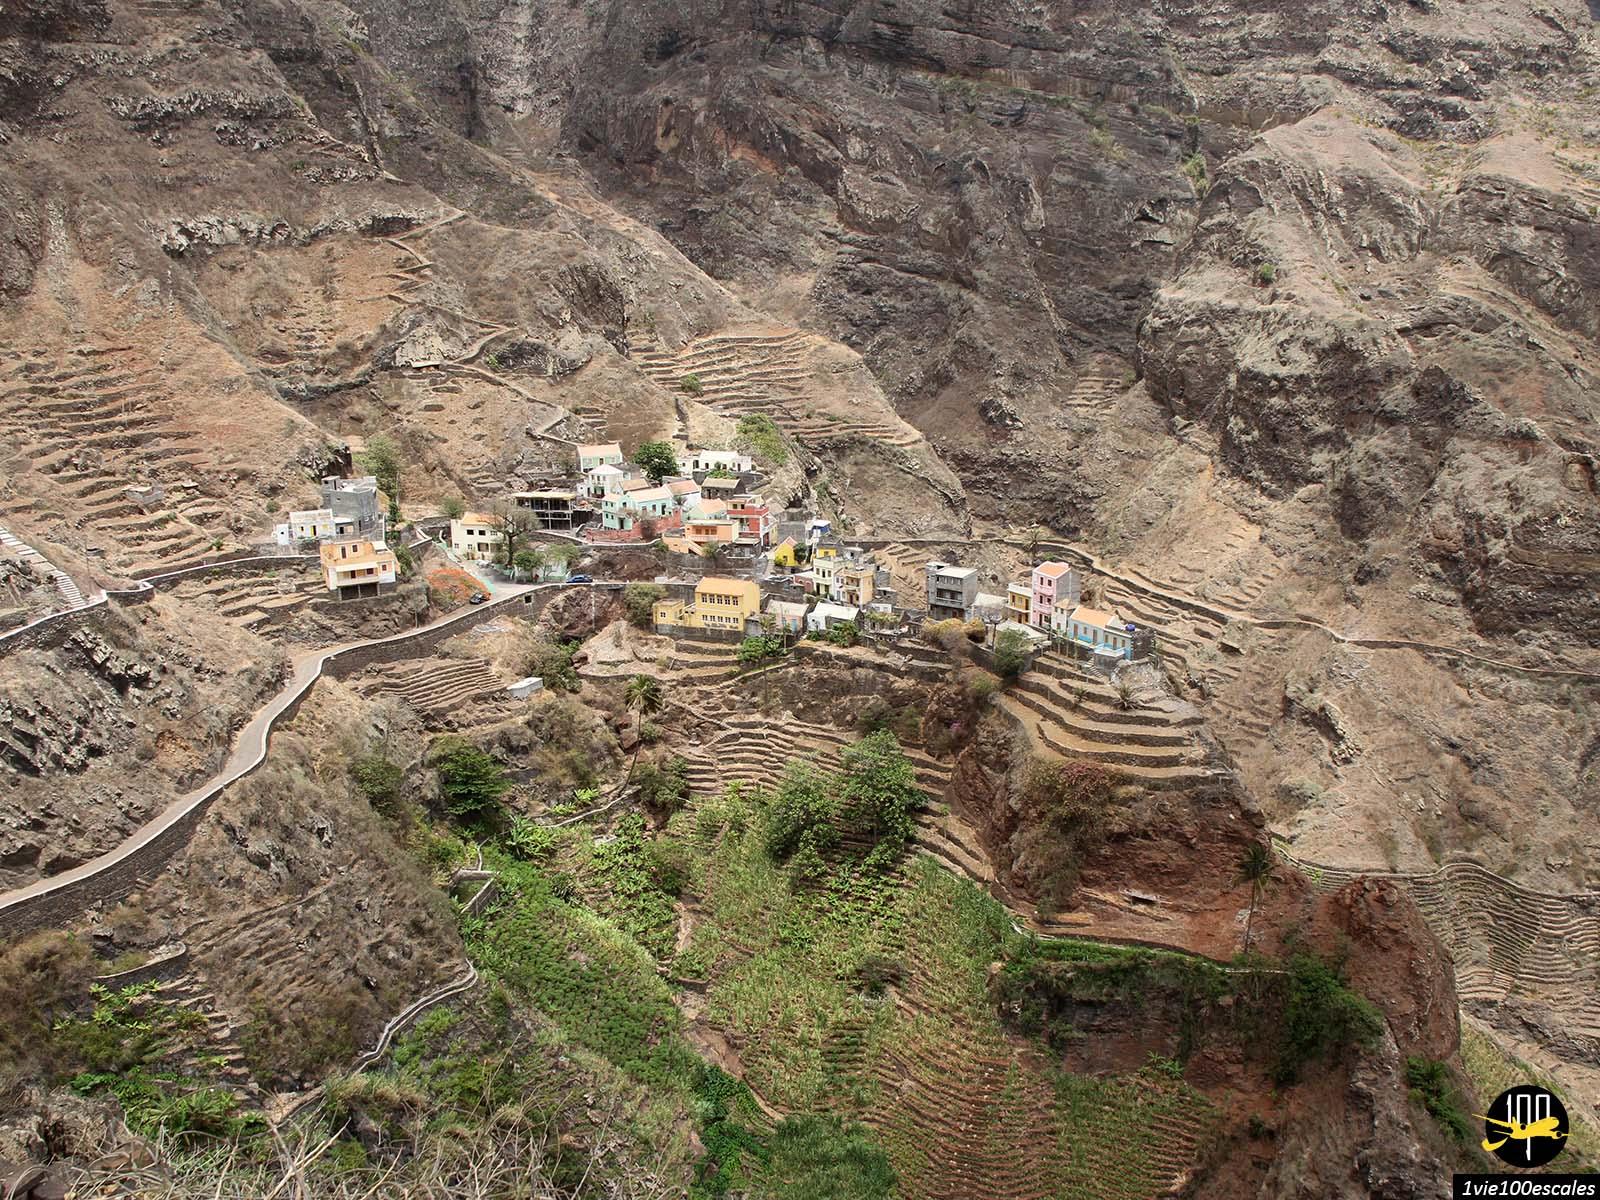 Le petit village isolé de fontainhas à Santo Antao classé parmi les plus beaux villages du monde